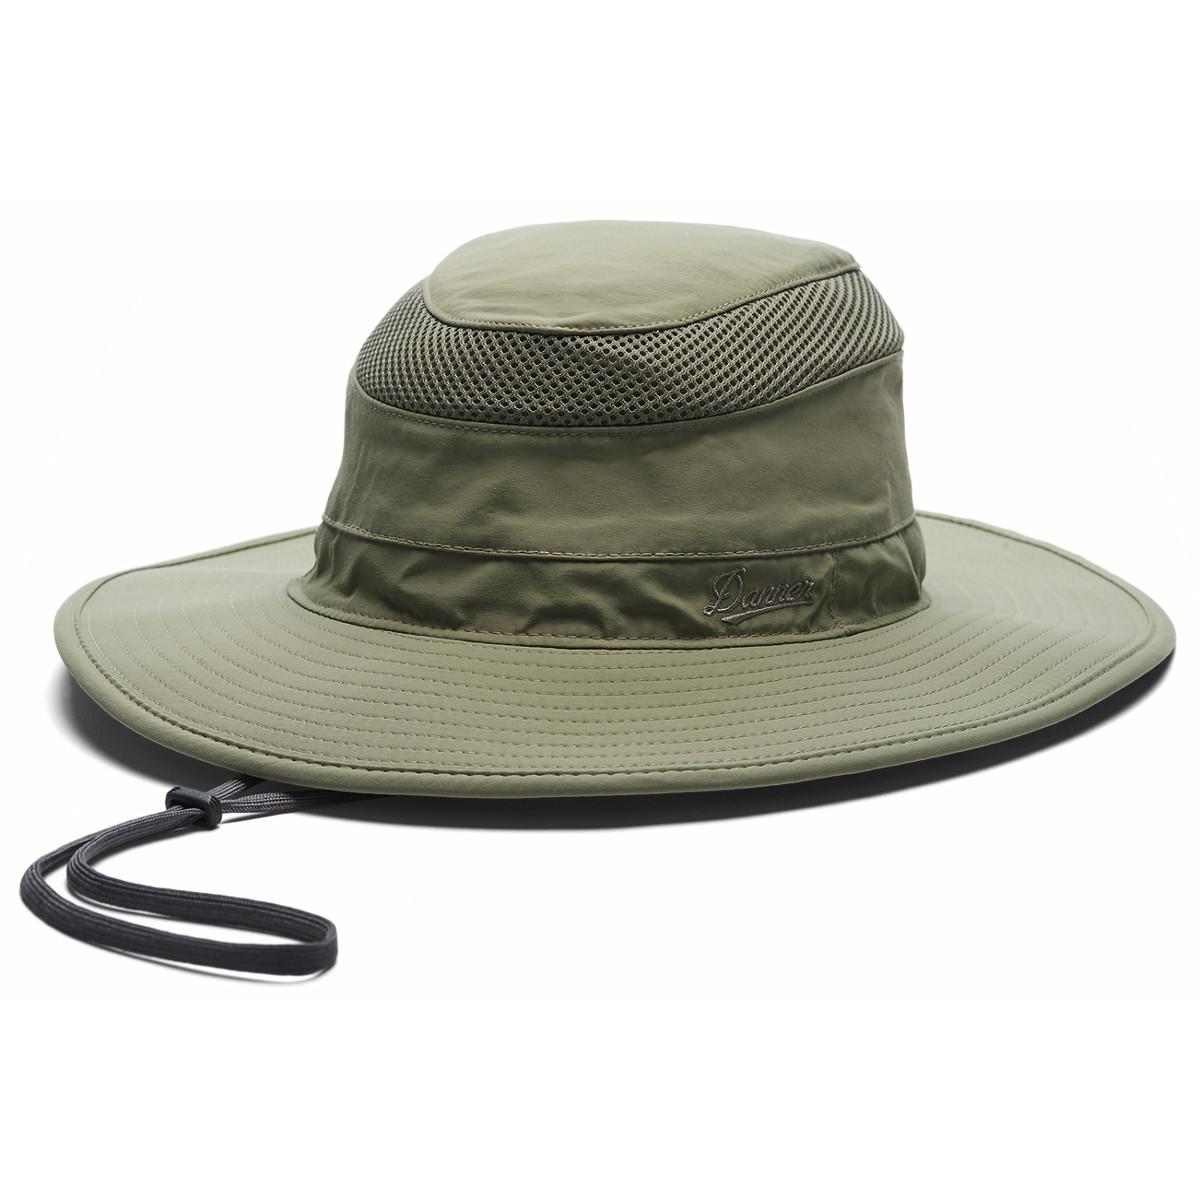 Danner Sombrero Hat - Sage